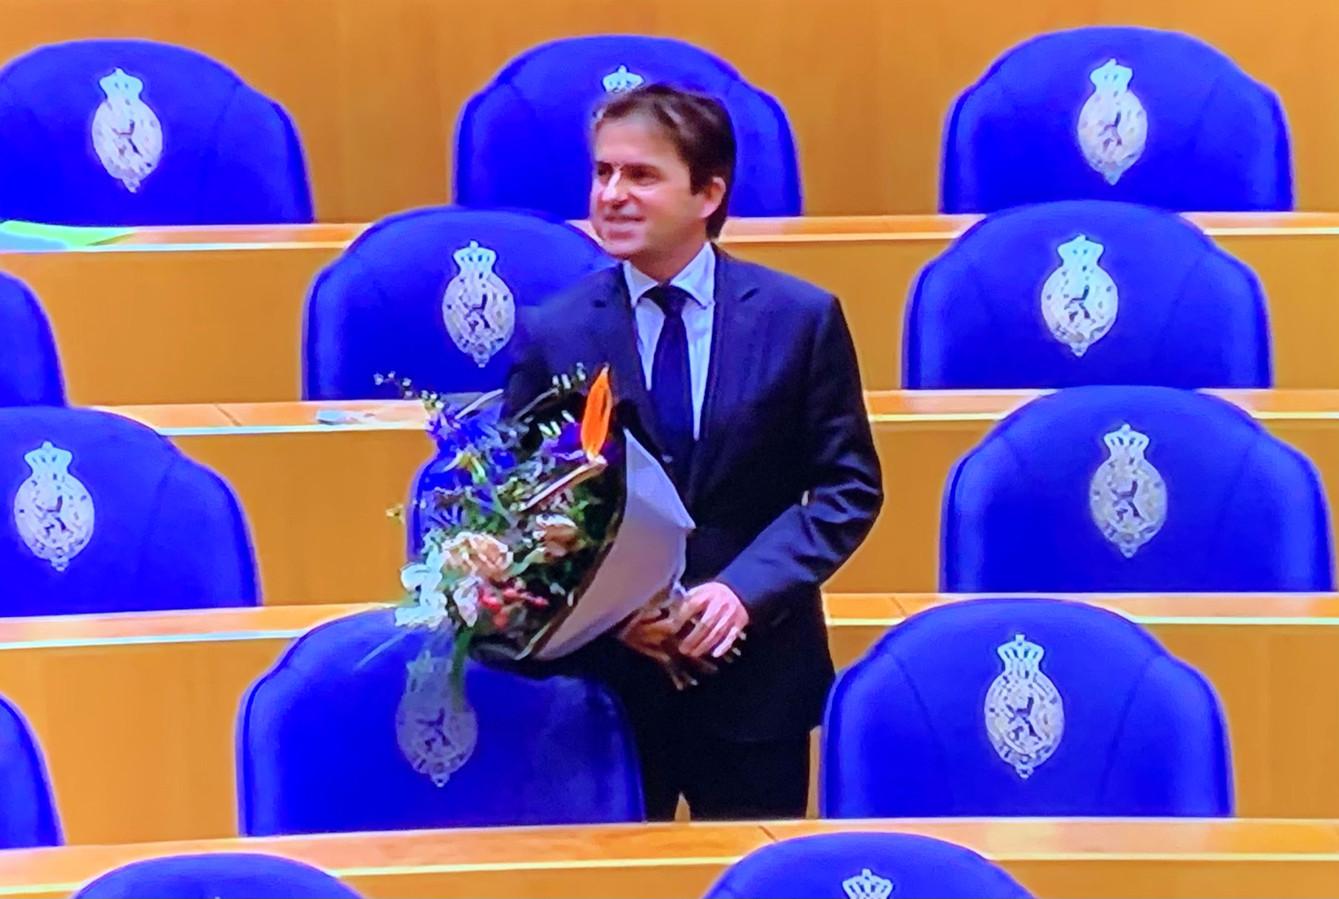 Gerard van den Anker is met bloemen ontvangen.